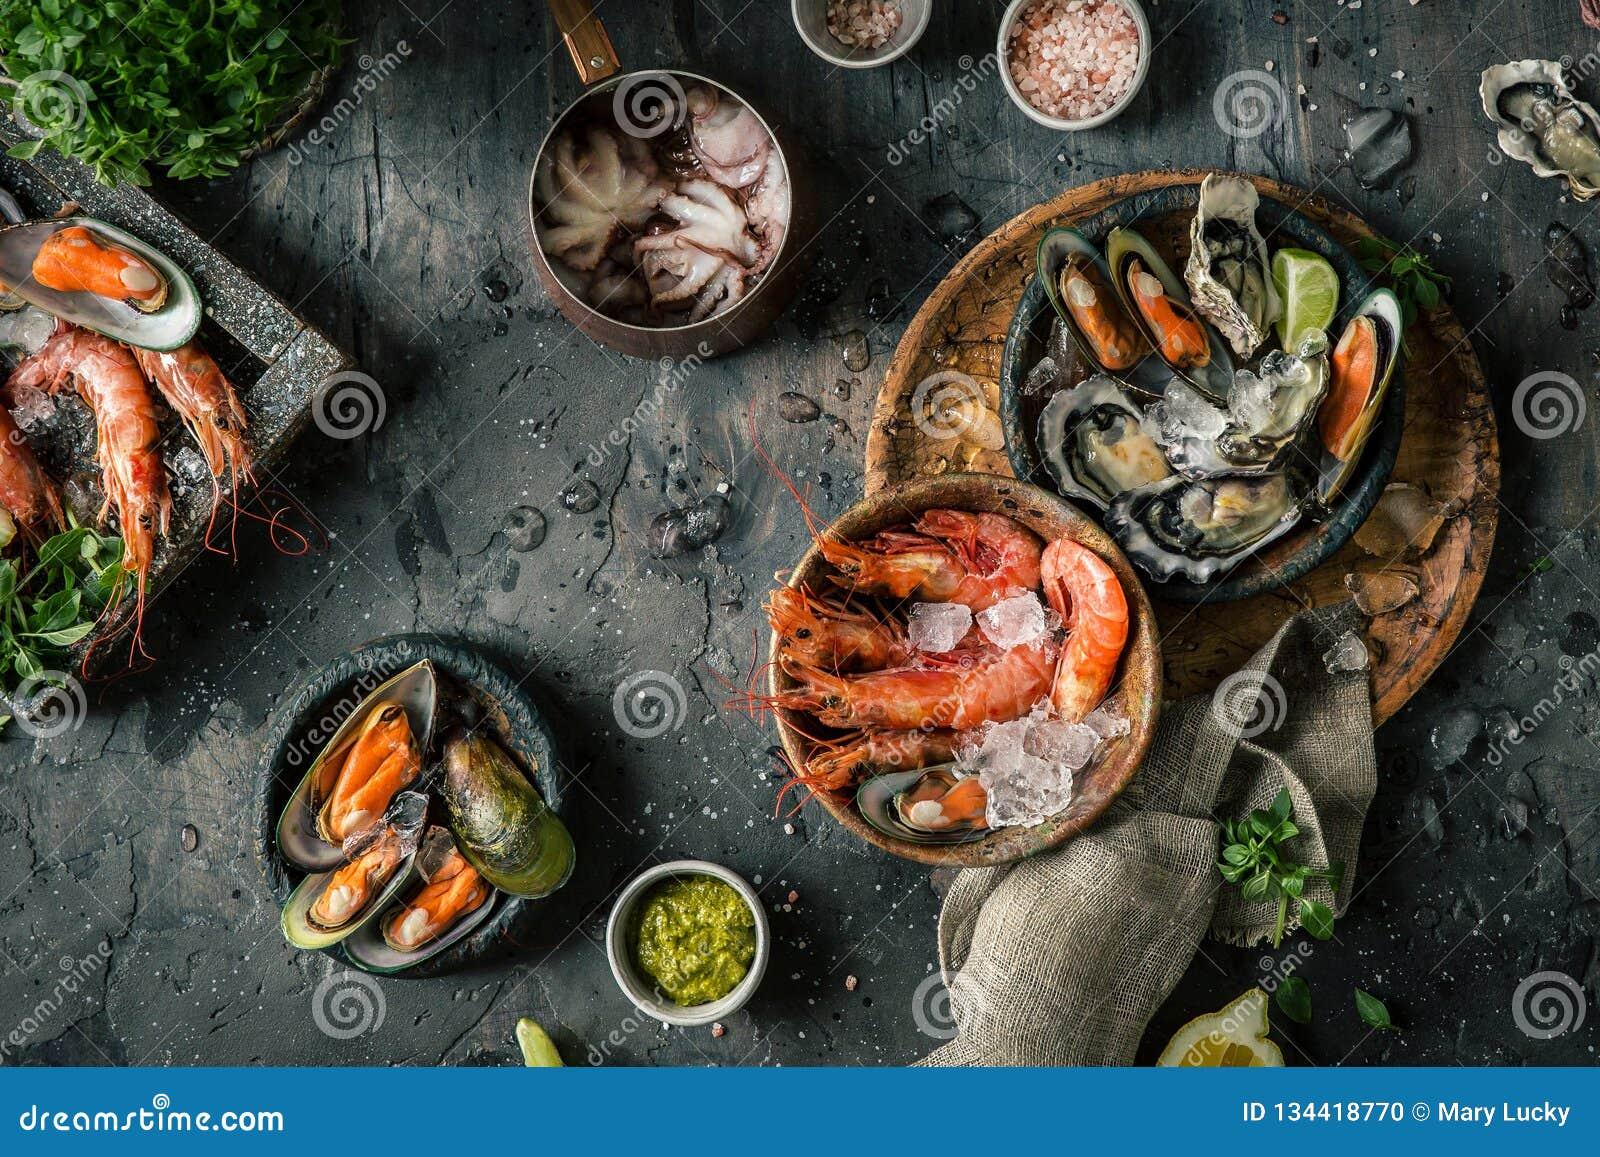 Meeresfrüchte Frische Garnelen, Austern, Miesmuscheln, Langoustines, Krake im Eis mit Zitrone